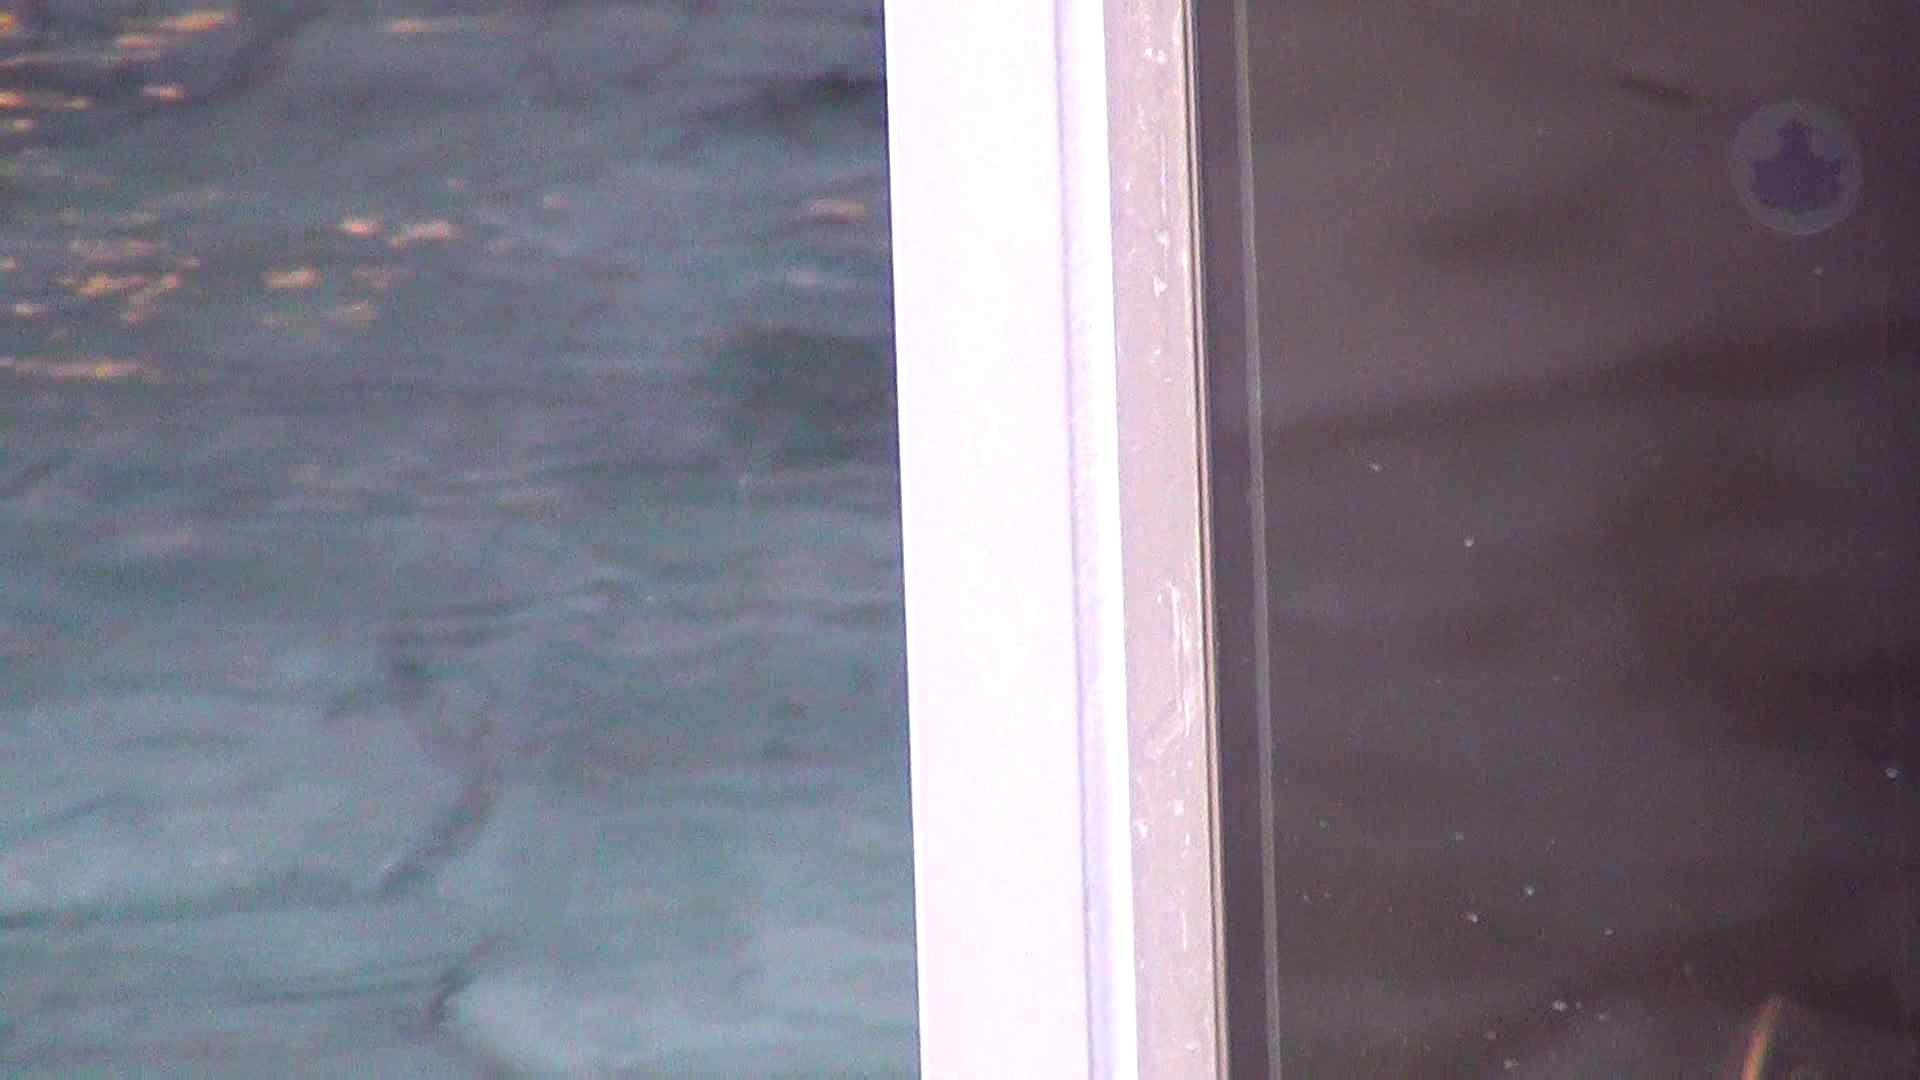 Aquaな露天風呂Vol.290 盗撮 | 露天  104pic 45